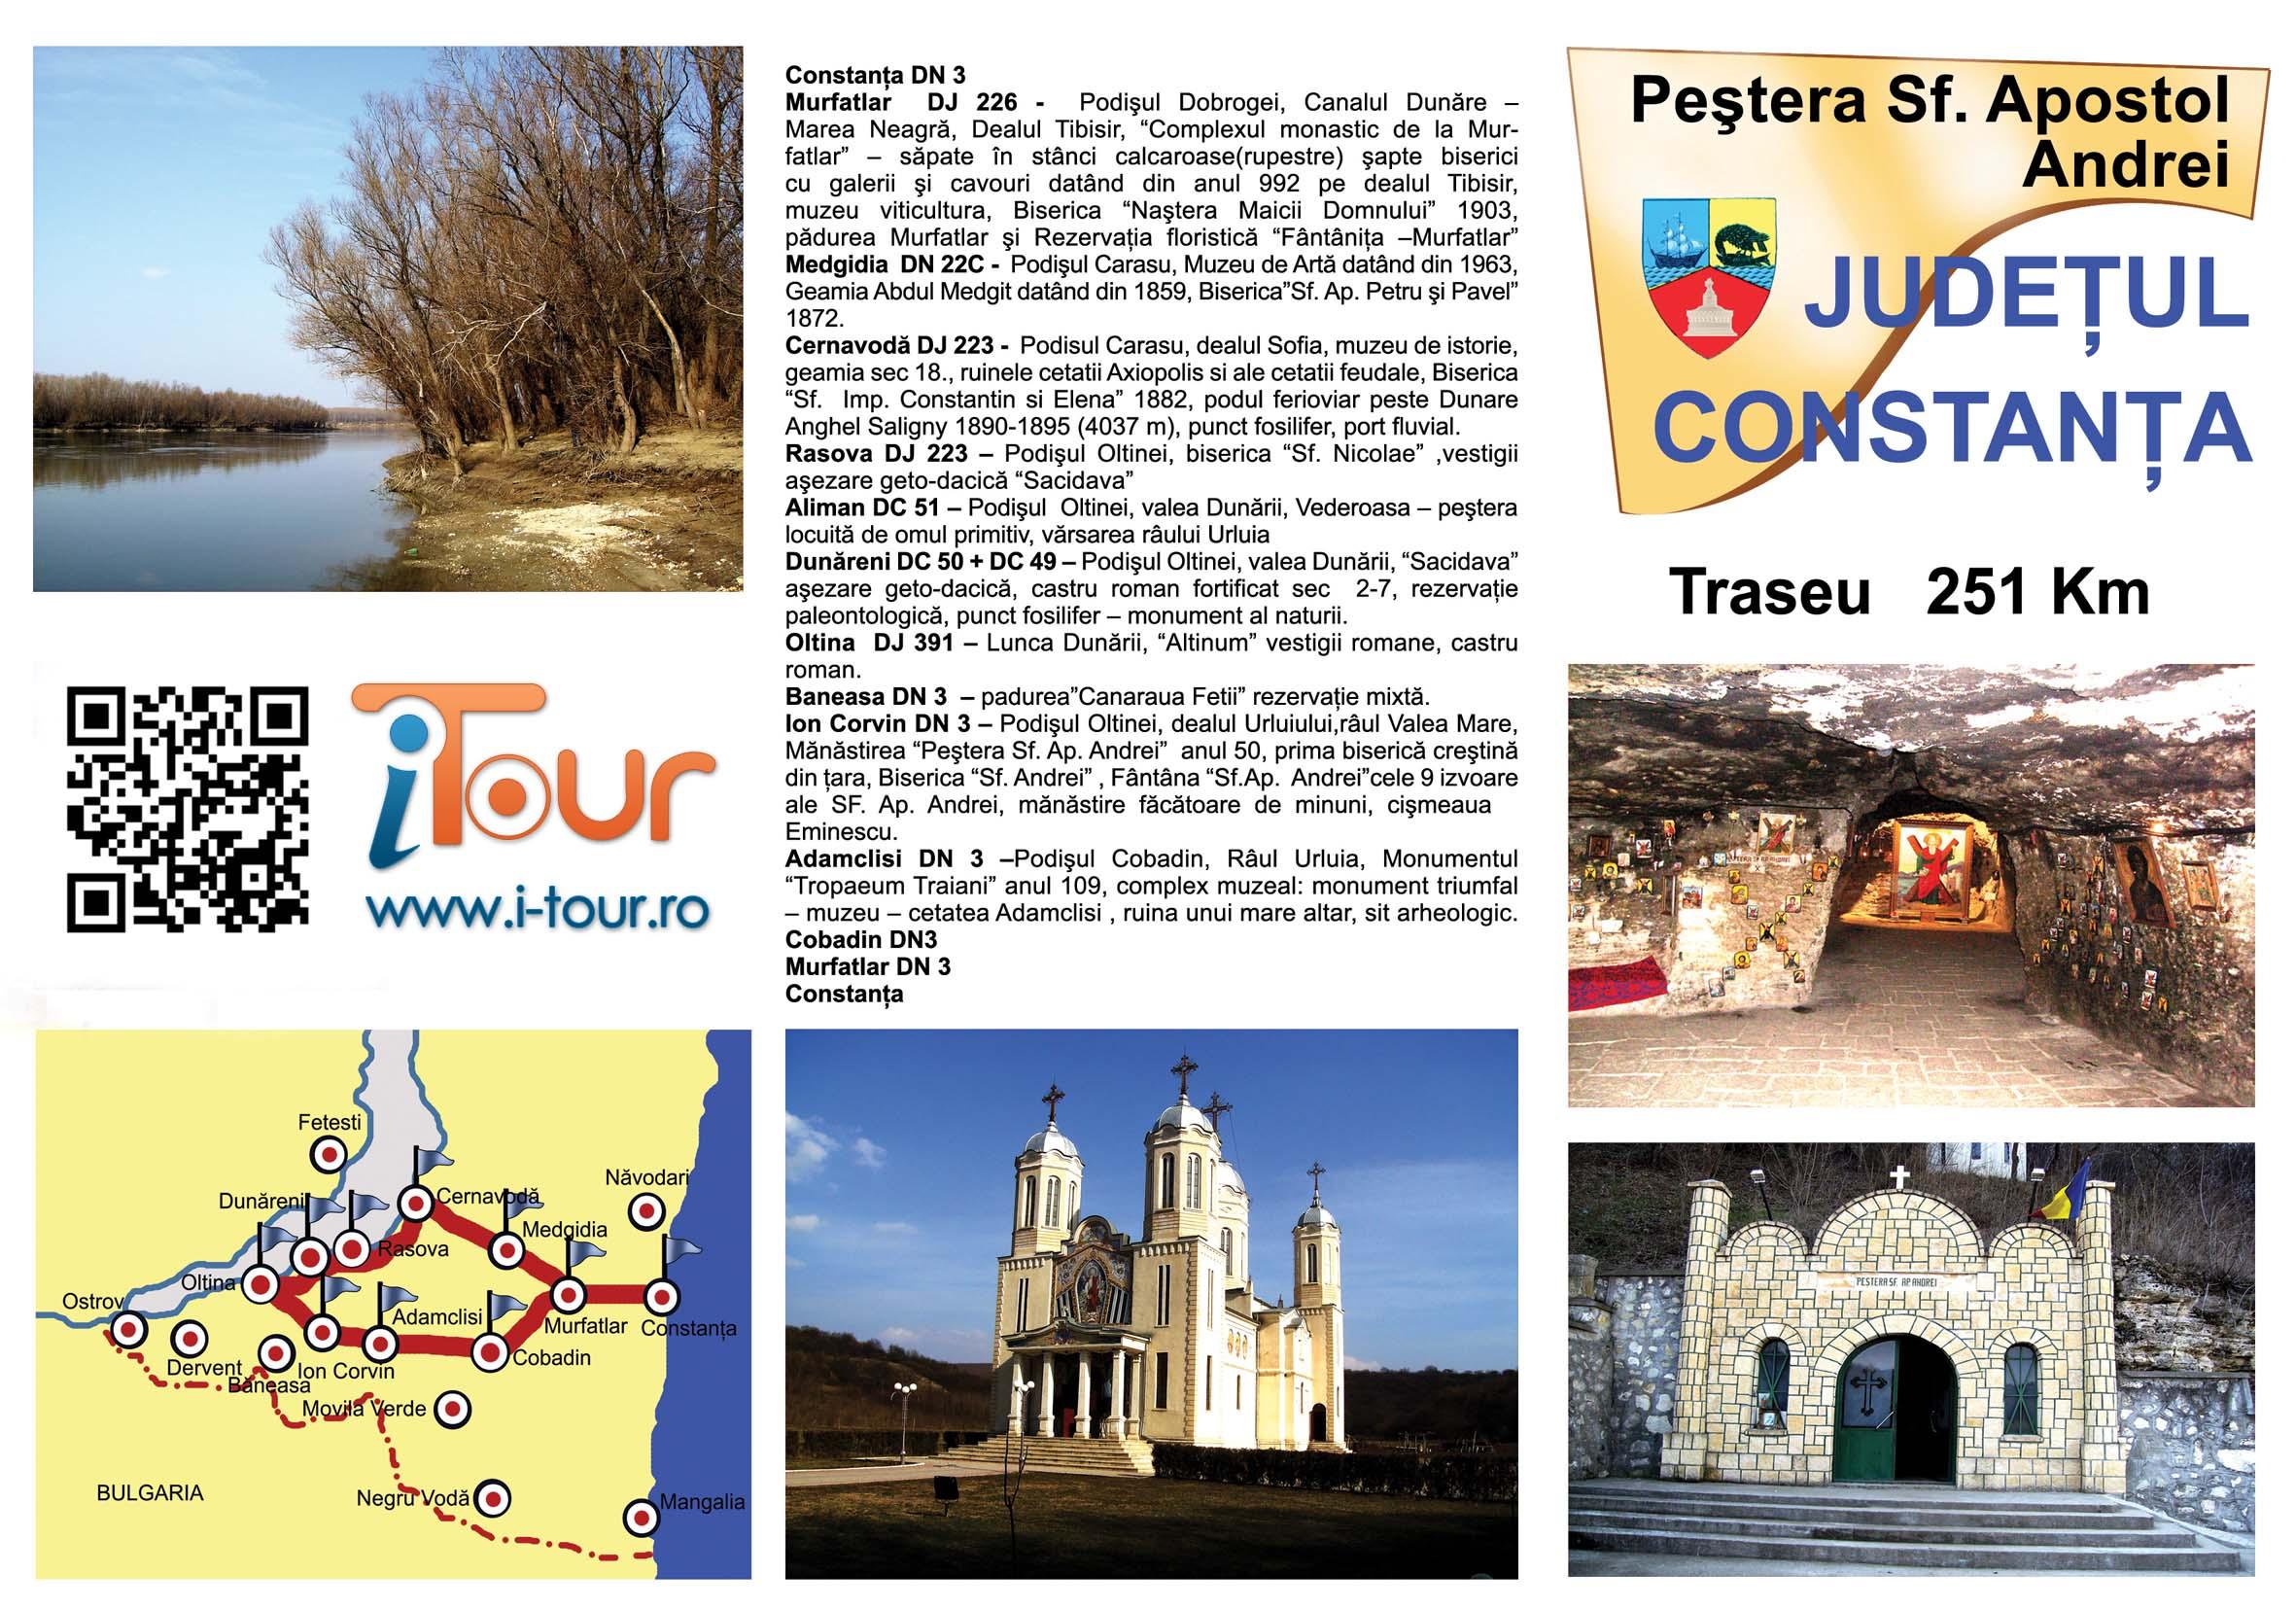 Traseu de o zi Constanta - Sf. Andrei (251 Km)